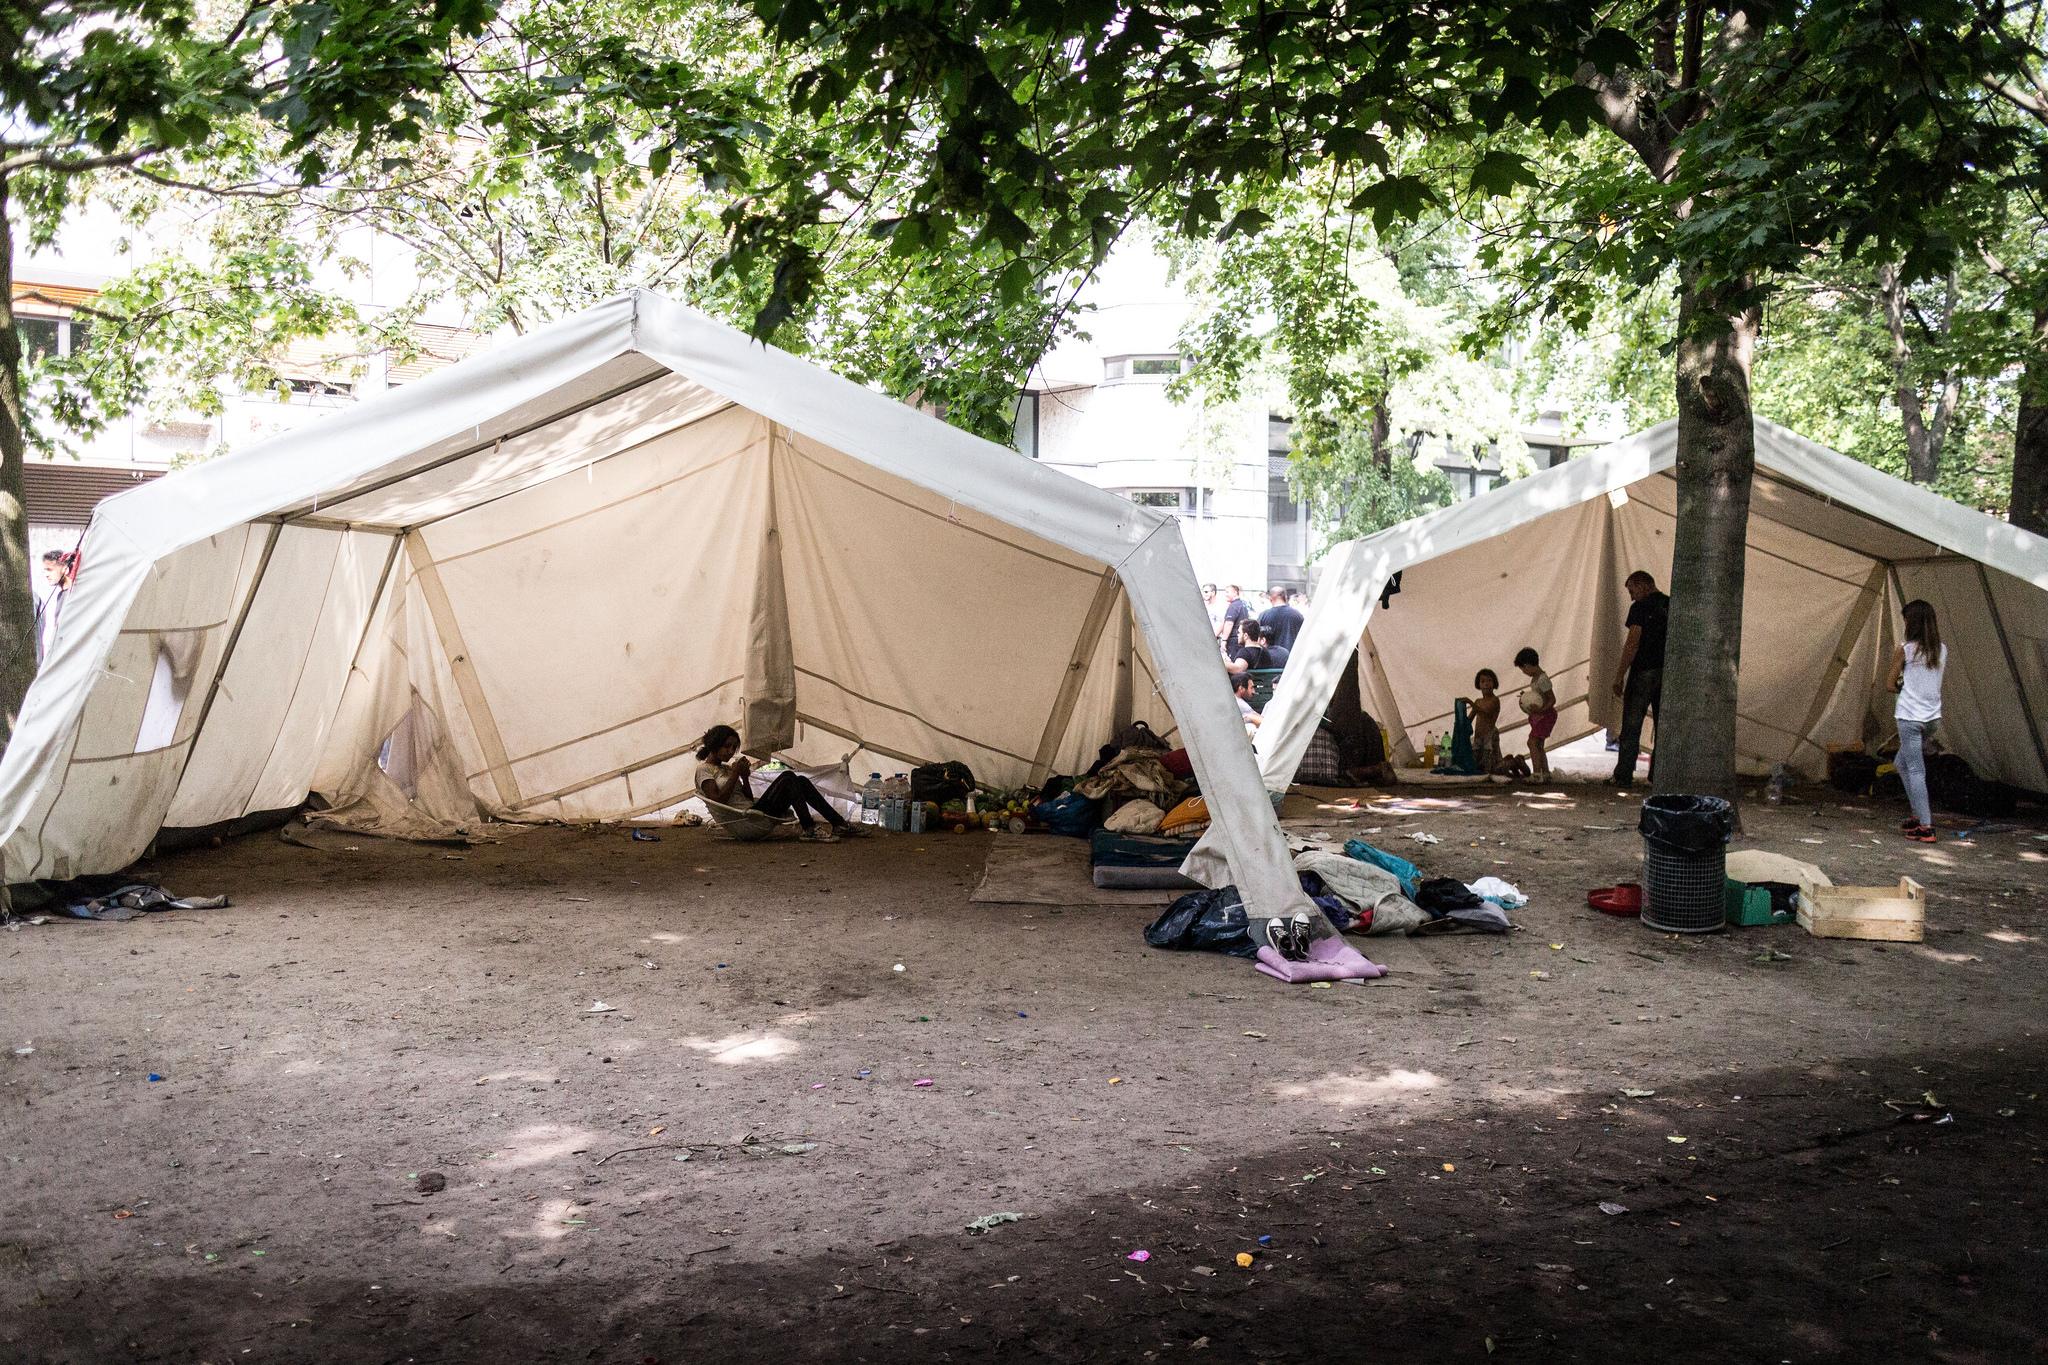 Flüchtlinge kampieren in Zelten vor dem Landesamt für Gesundheit und Soziales (LaGeSo) in Berlin.